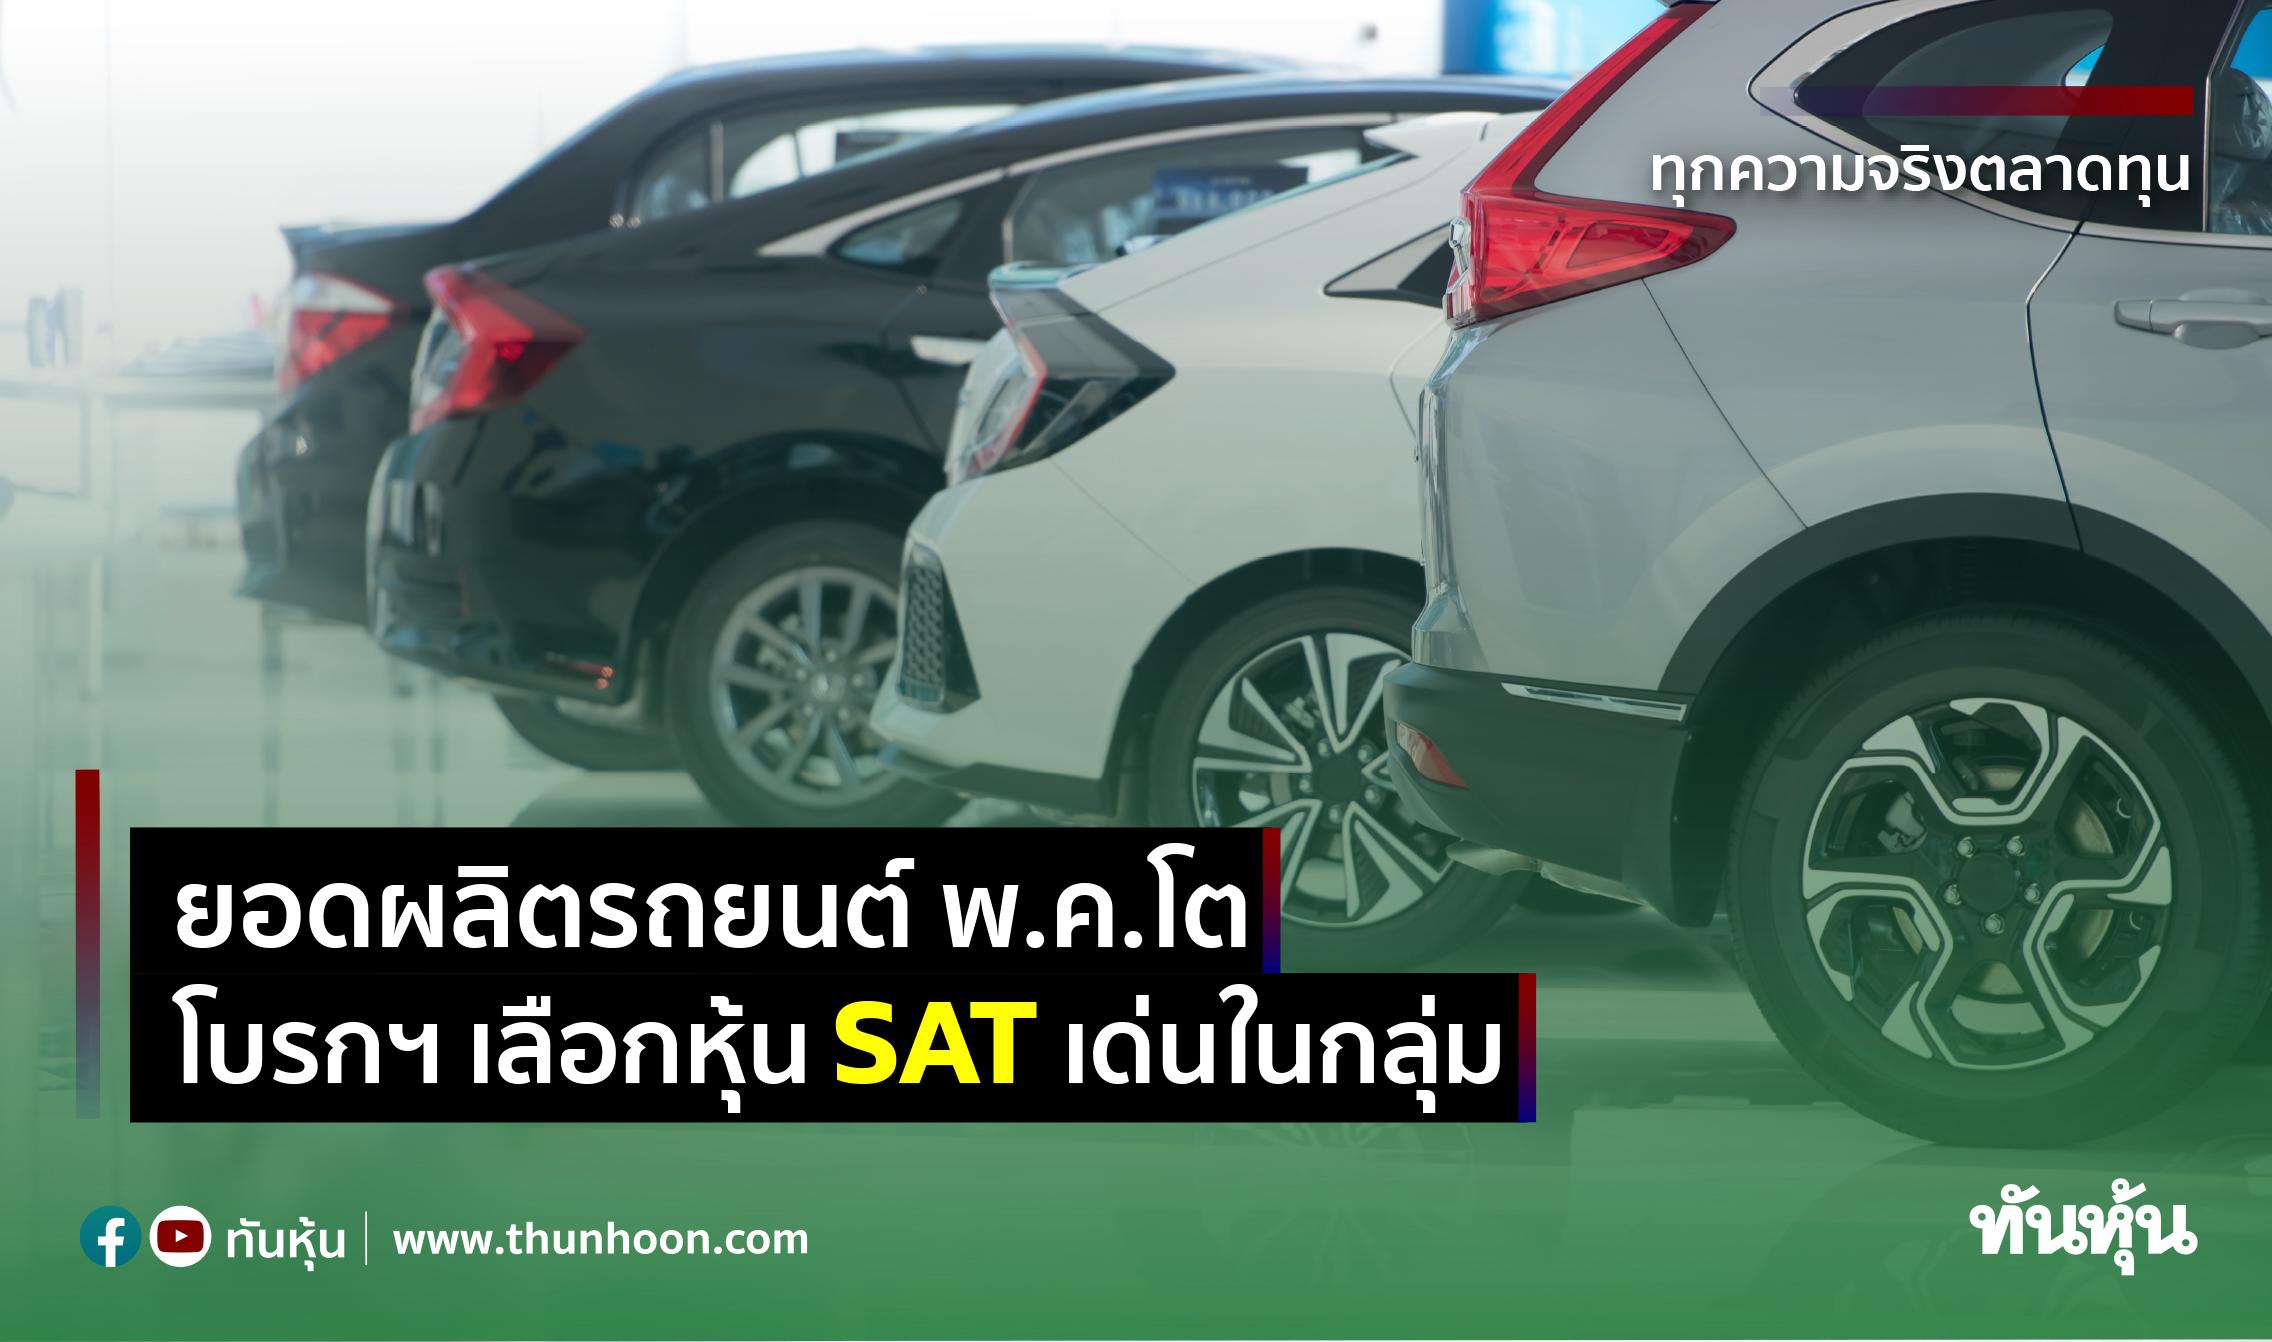 ยอดผลิตรถยนต์ พ.ค.โต โบรกฯ เลือกหุ้น SAT เด่นในกลุ่ม